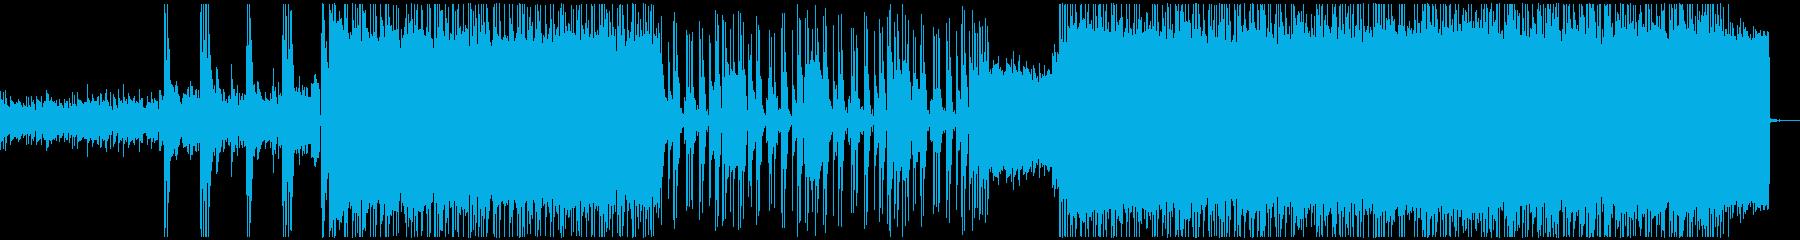 激しく攻撃的なギターのメタル 5の再生済みの波形